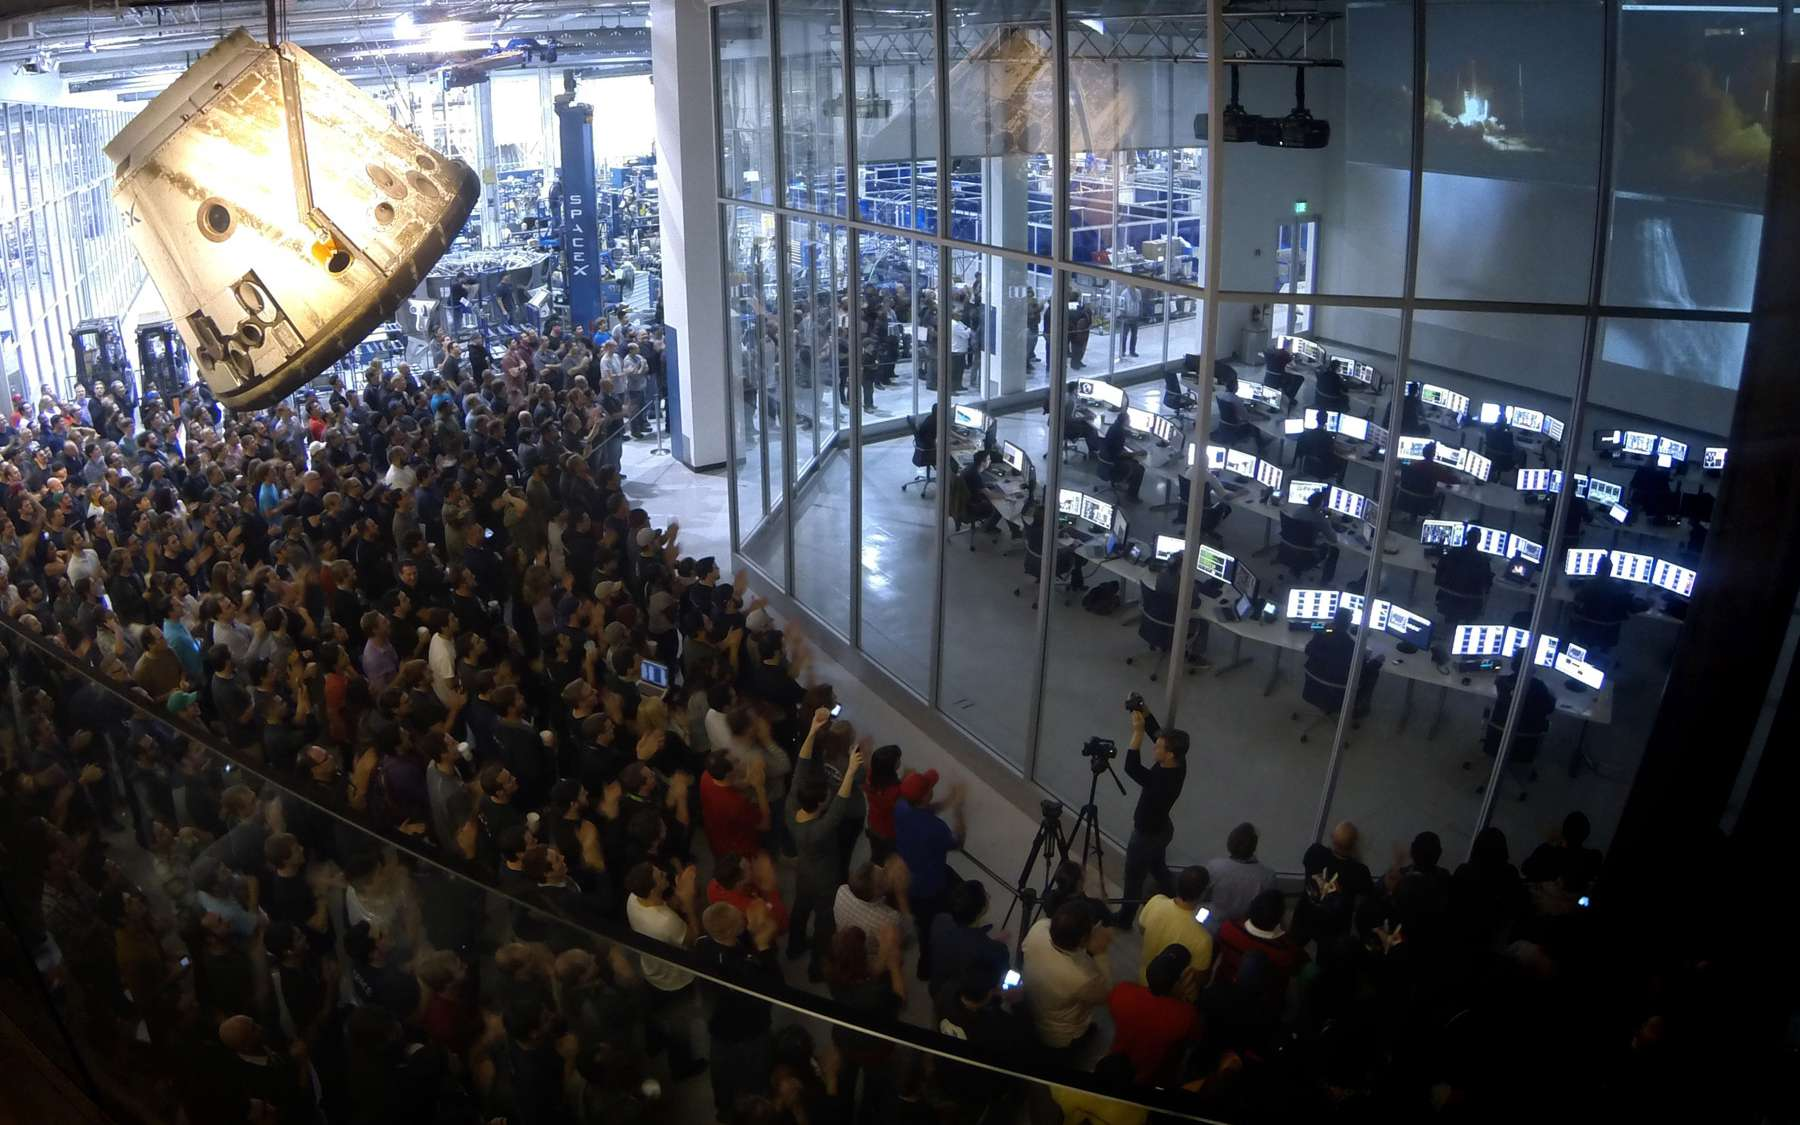 Le quartier général de SpaceX avec sa salle de contrôle à Hawthorne, en Californie. La société a mis notamment le développement d'un lanceur lourd et le vol habité à son programme pour 2014. © SpaceX